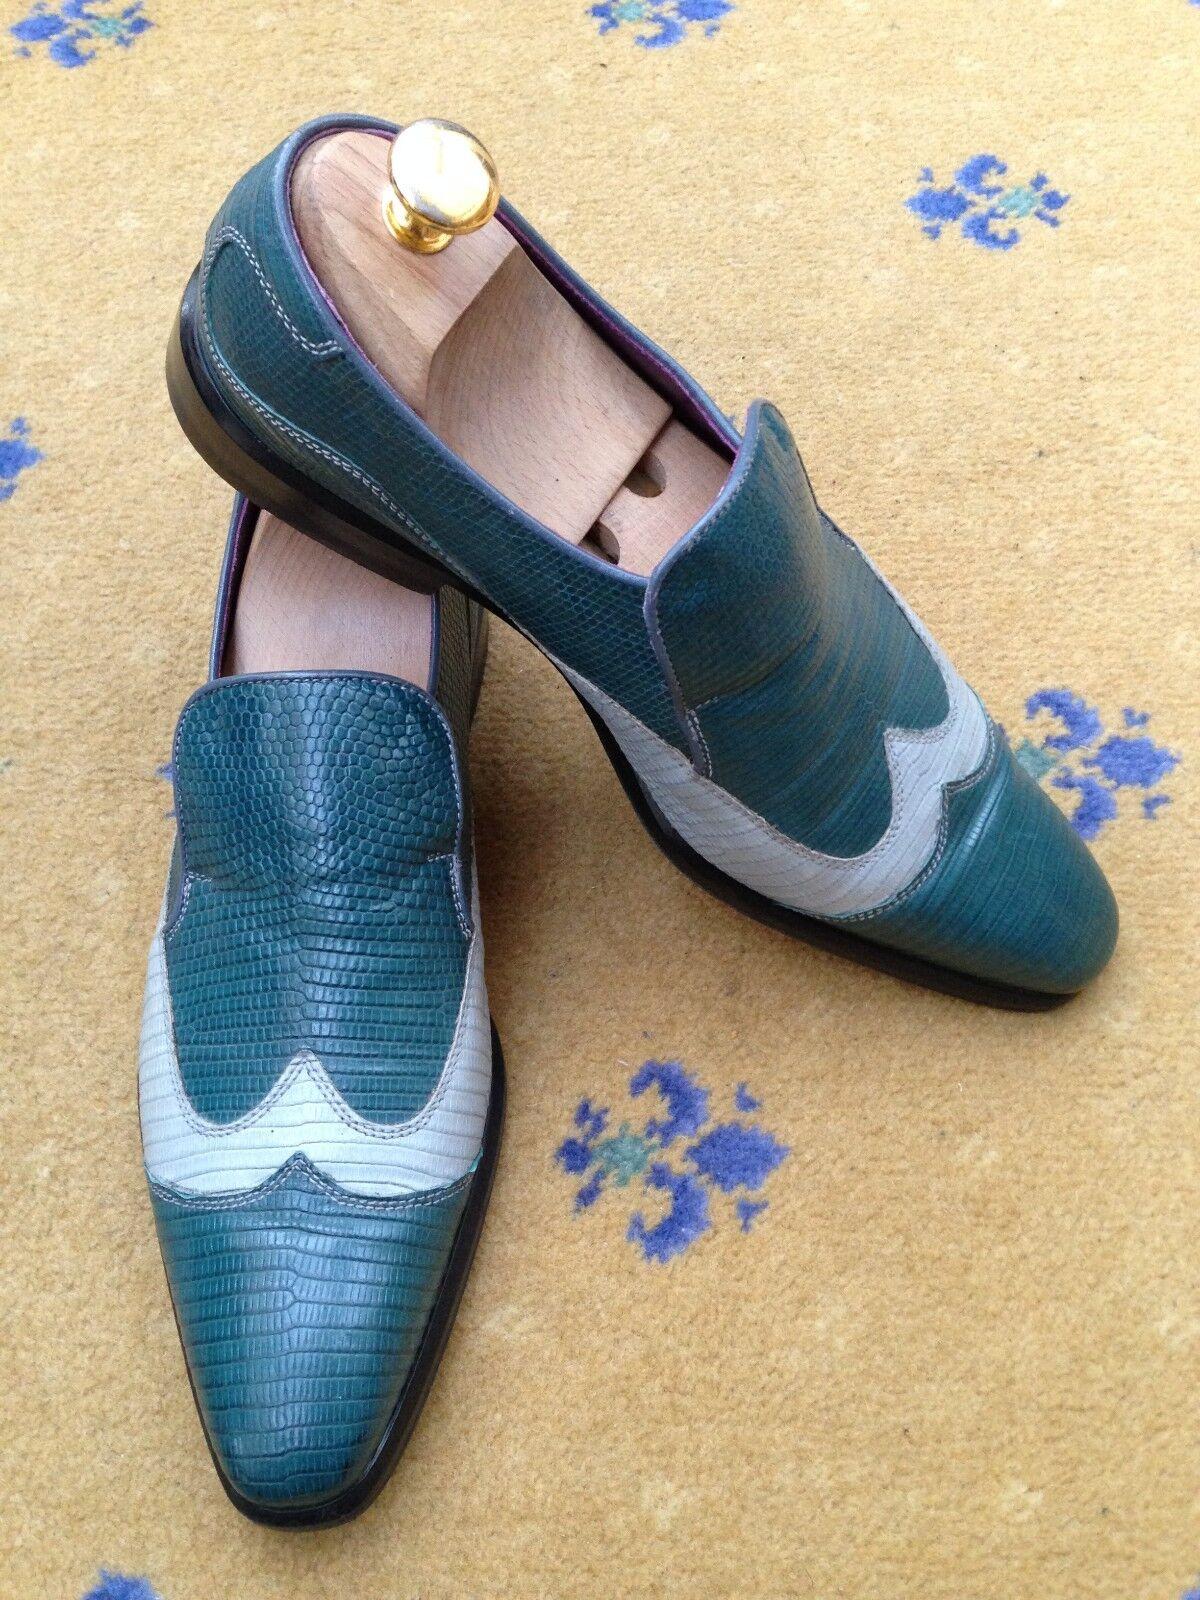 Oliver Sweeney Bespoke Homme Chaussures en Cuir Bleu Lézard 8.5 Effet US 8.5 Lézard 41.5 39f4f7